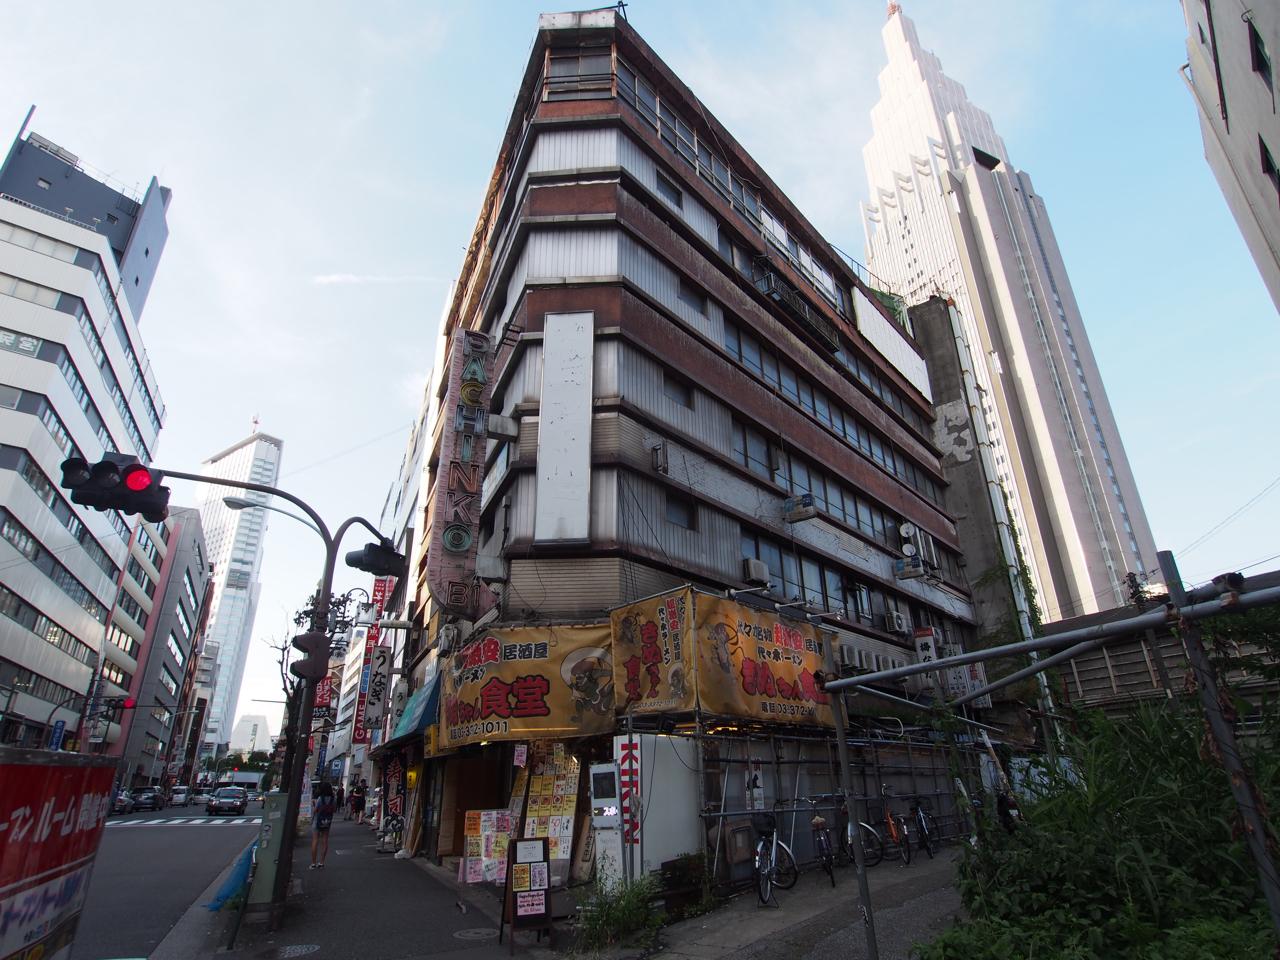 代々木の九龍城と呼ばれている荒廃したビル